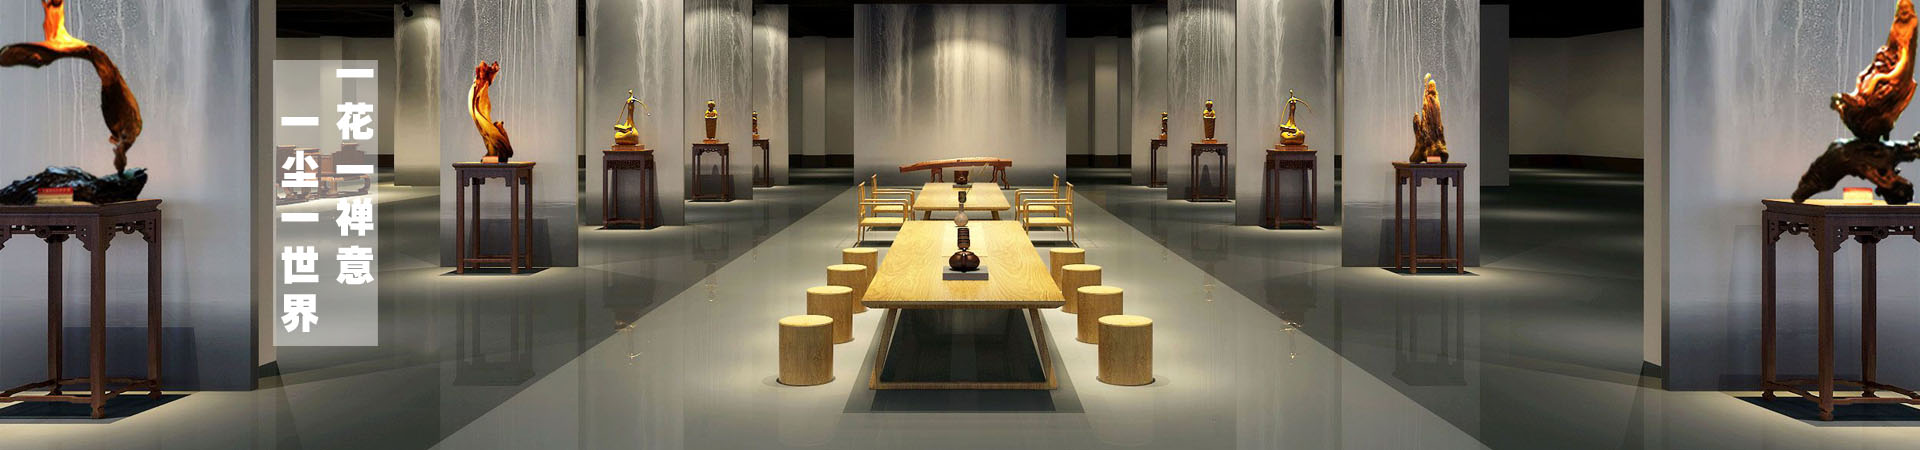 最美中式酒店设计,四个充满禅